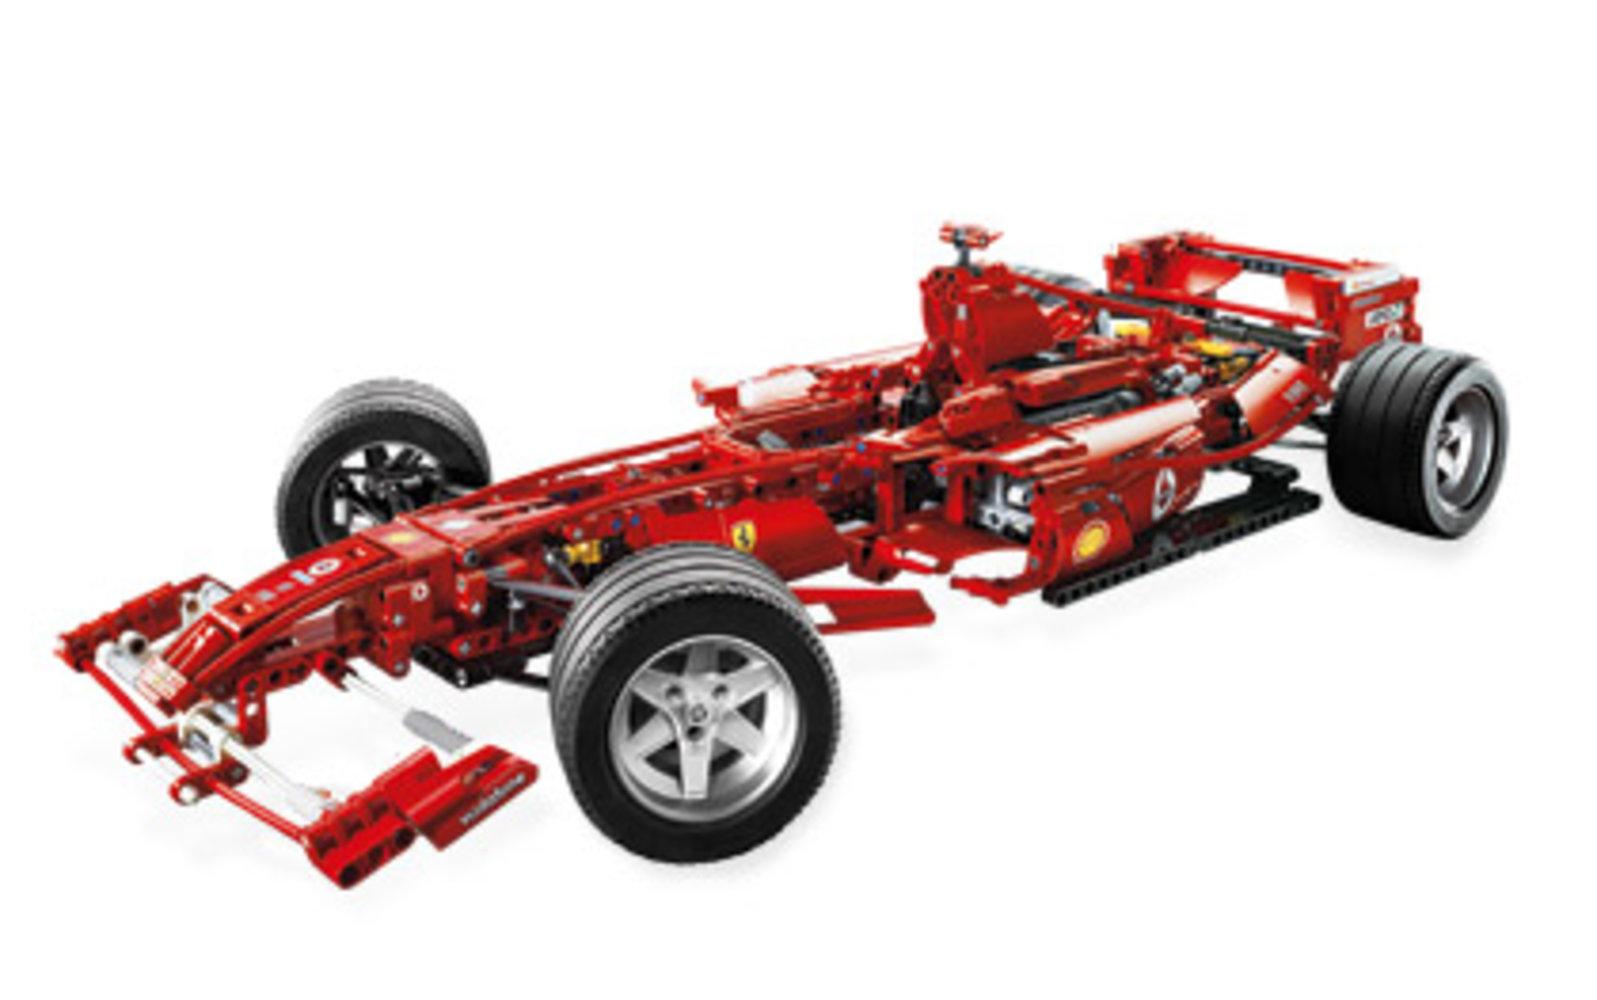 Ferrari F1 Racer 1:8